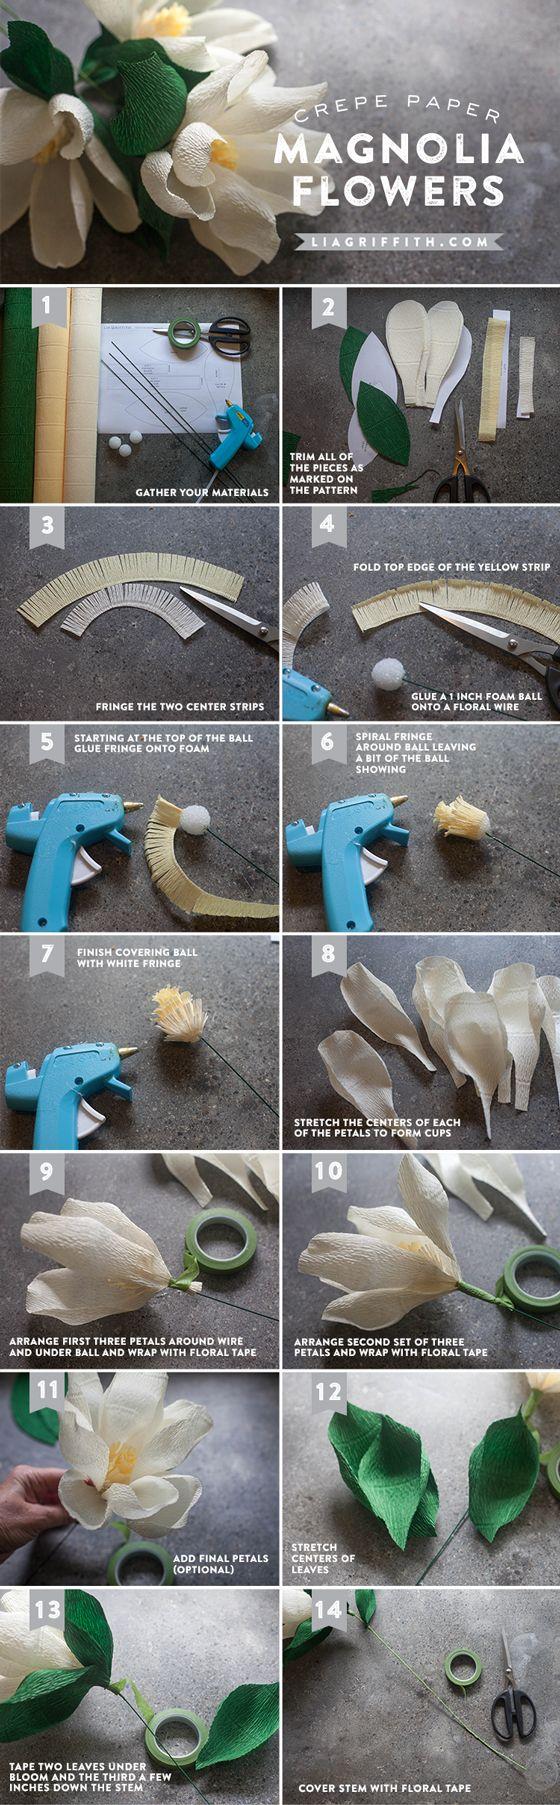 DIY Paper Magnolia Flower: